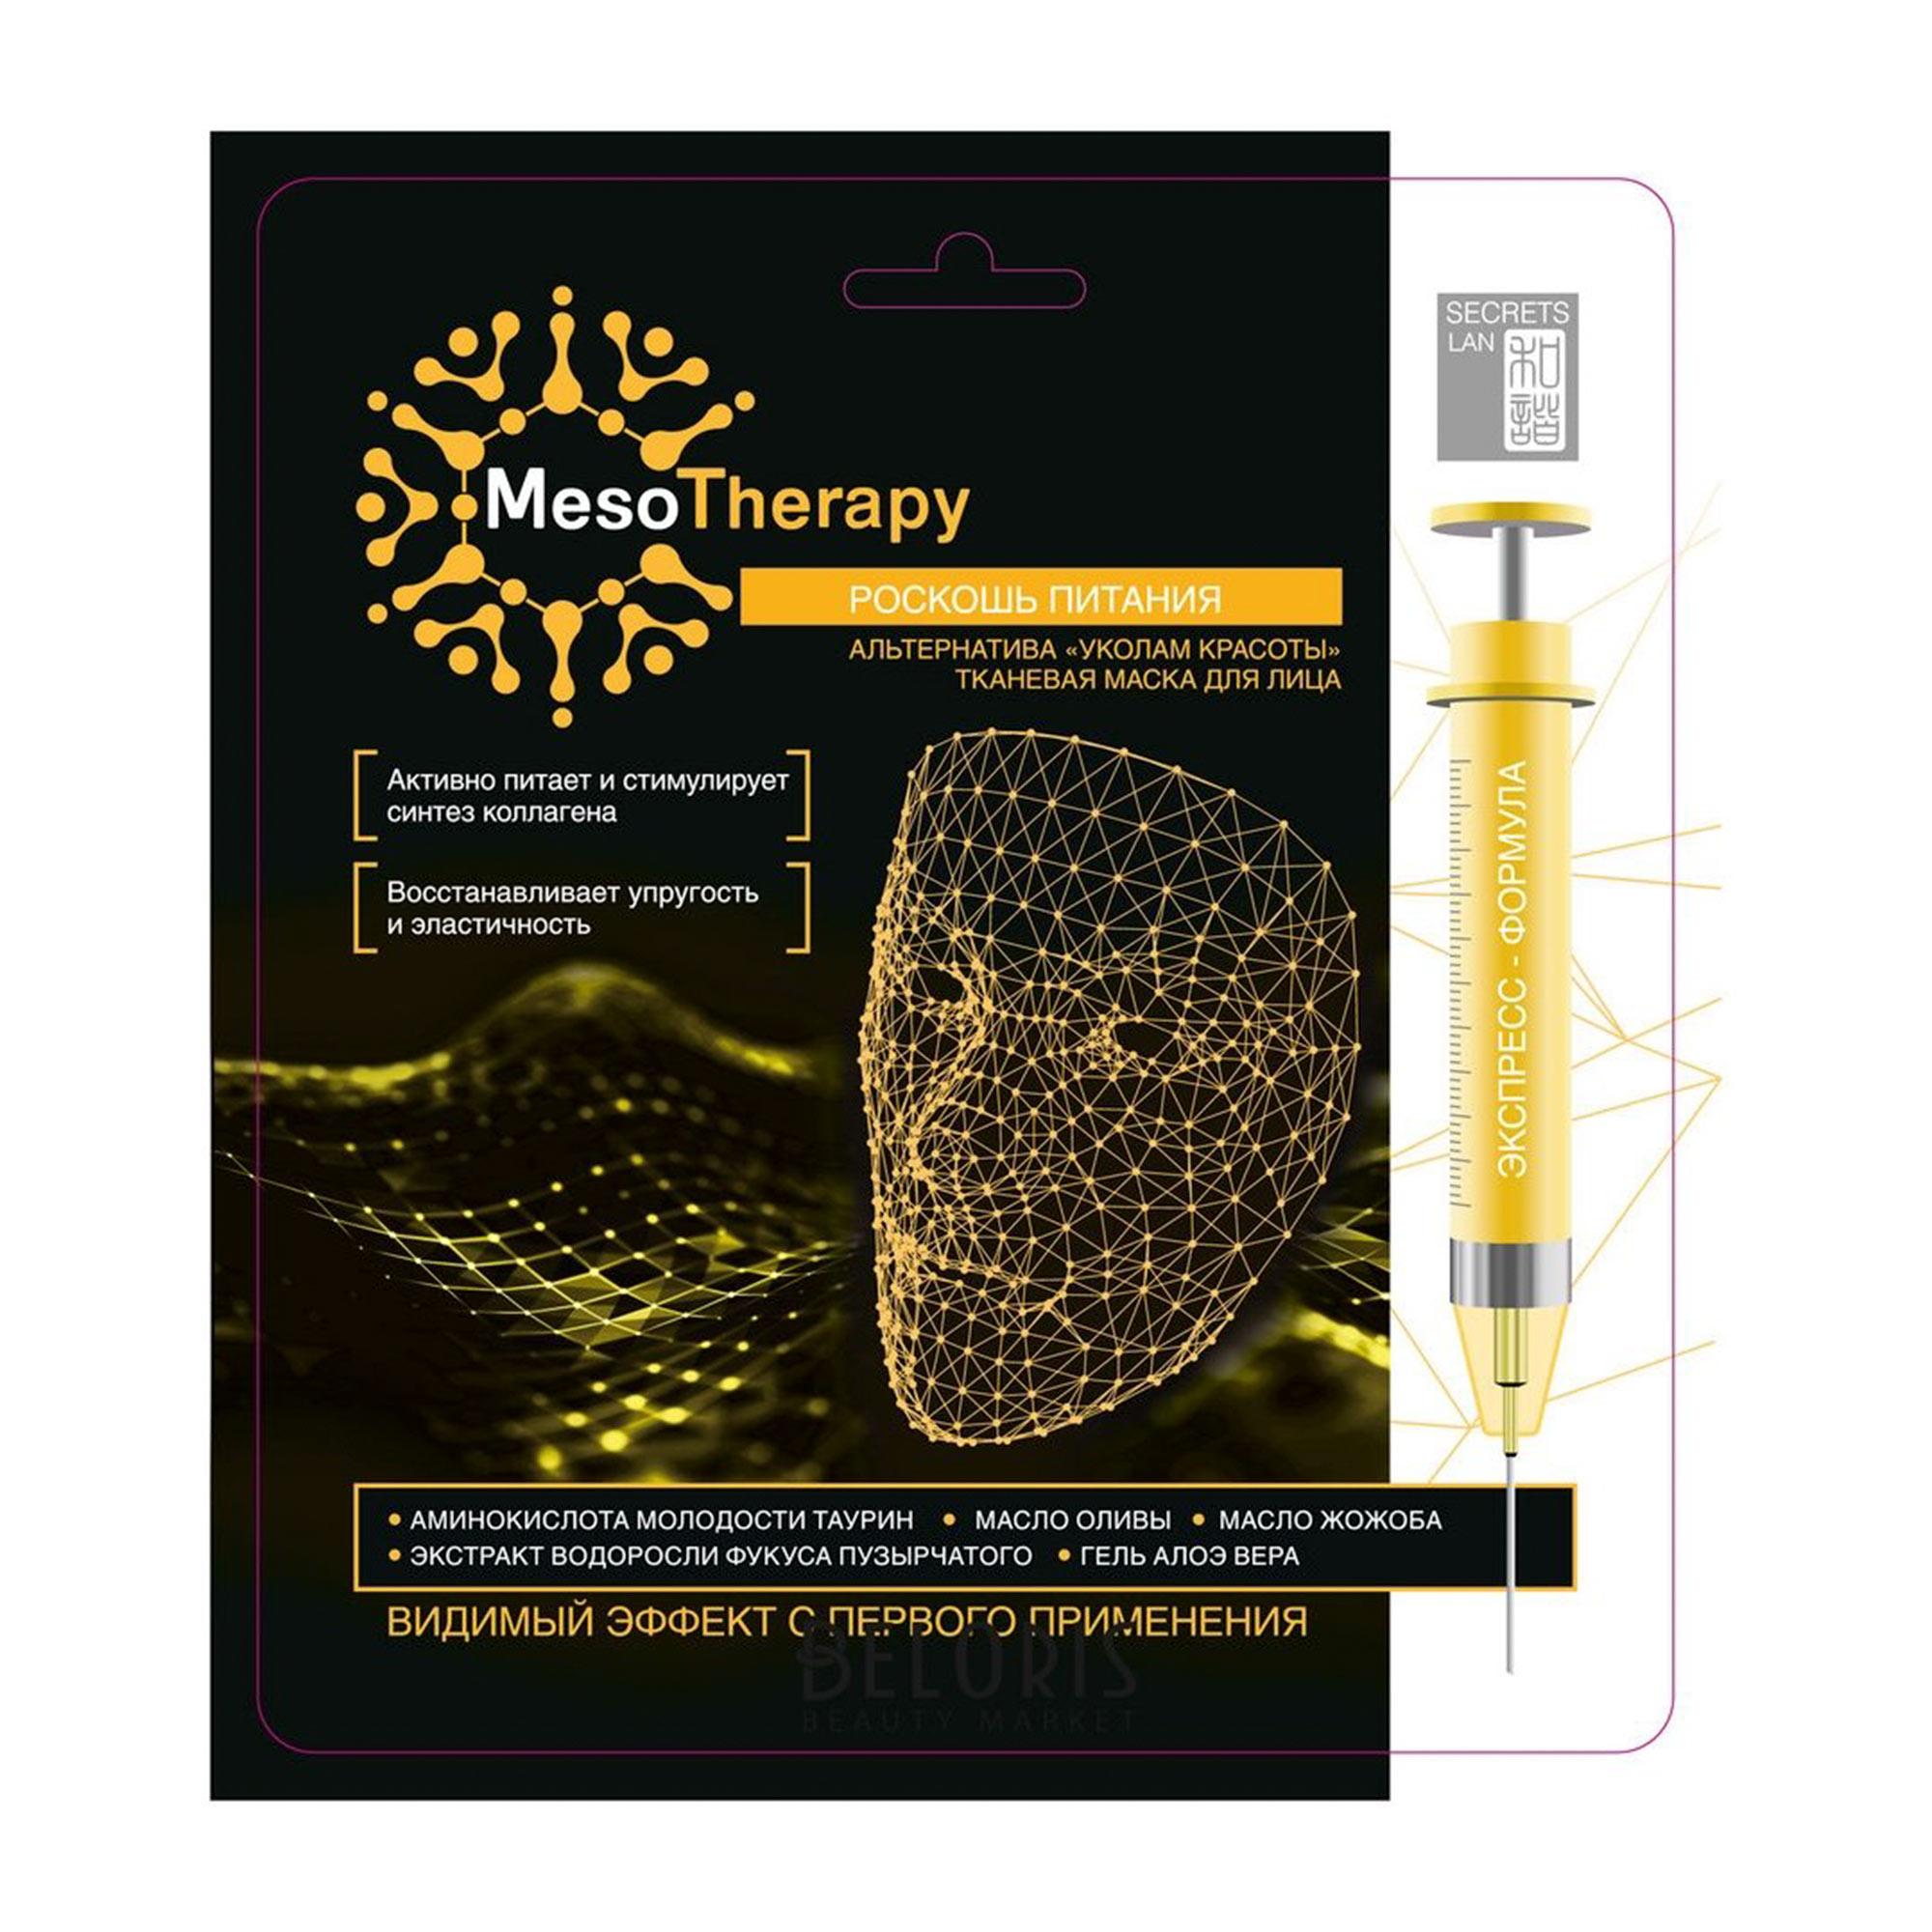 Тканевая маска для лица Secrets Lan MesoTherapy Роскошь питания secrets lan пузырьковый микромассаж пенящаяся тканевая маска очищение и восстановление 30 г